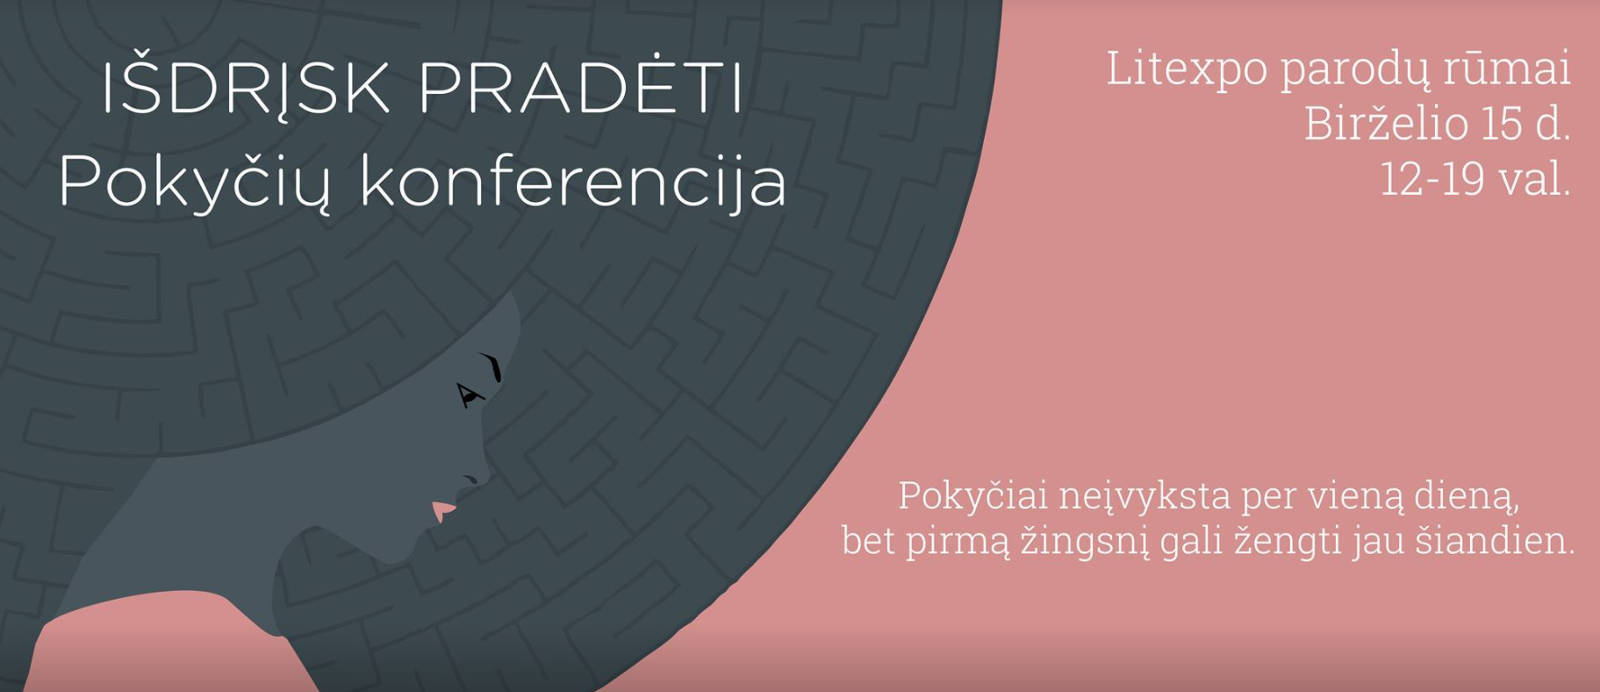 """Susitikime pokyčių konferencijoje """"Įsdrįsk pradėti"""" birželio 15 d."""